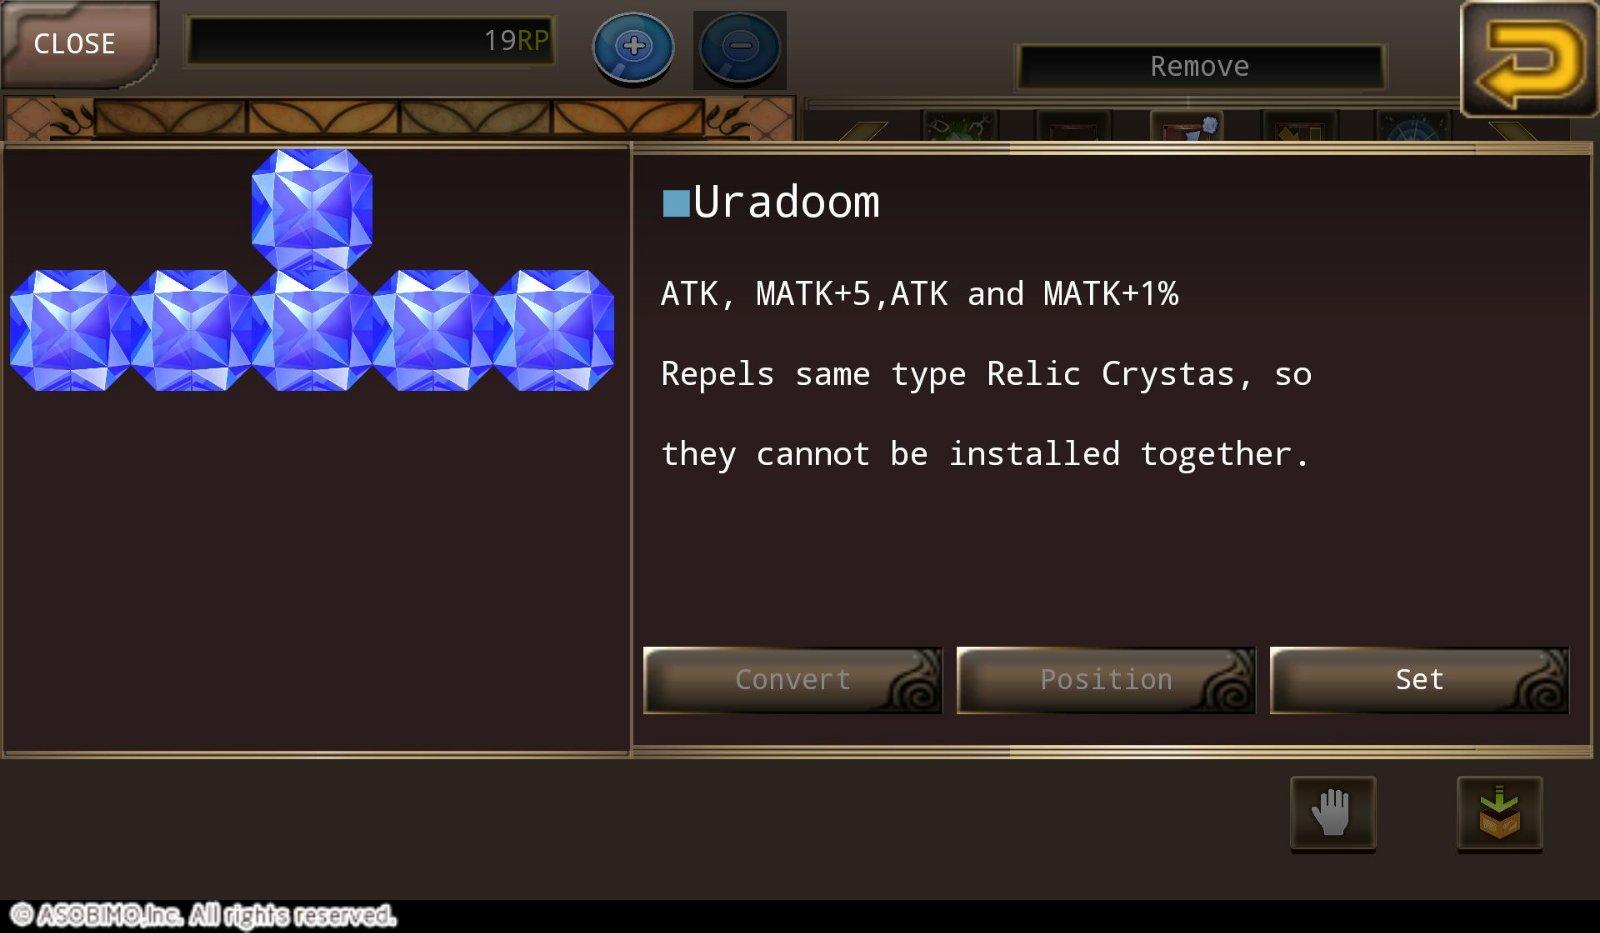 Relic crystas (Guide soon) | Unofficial Iruna & Toram Online